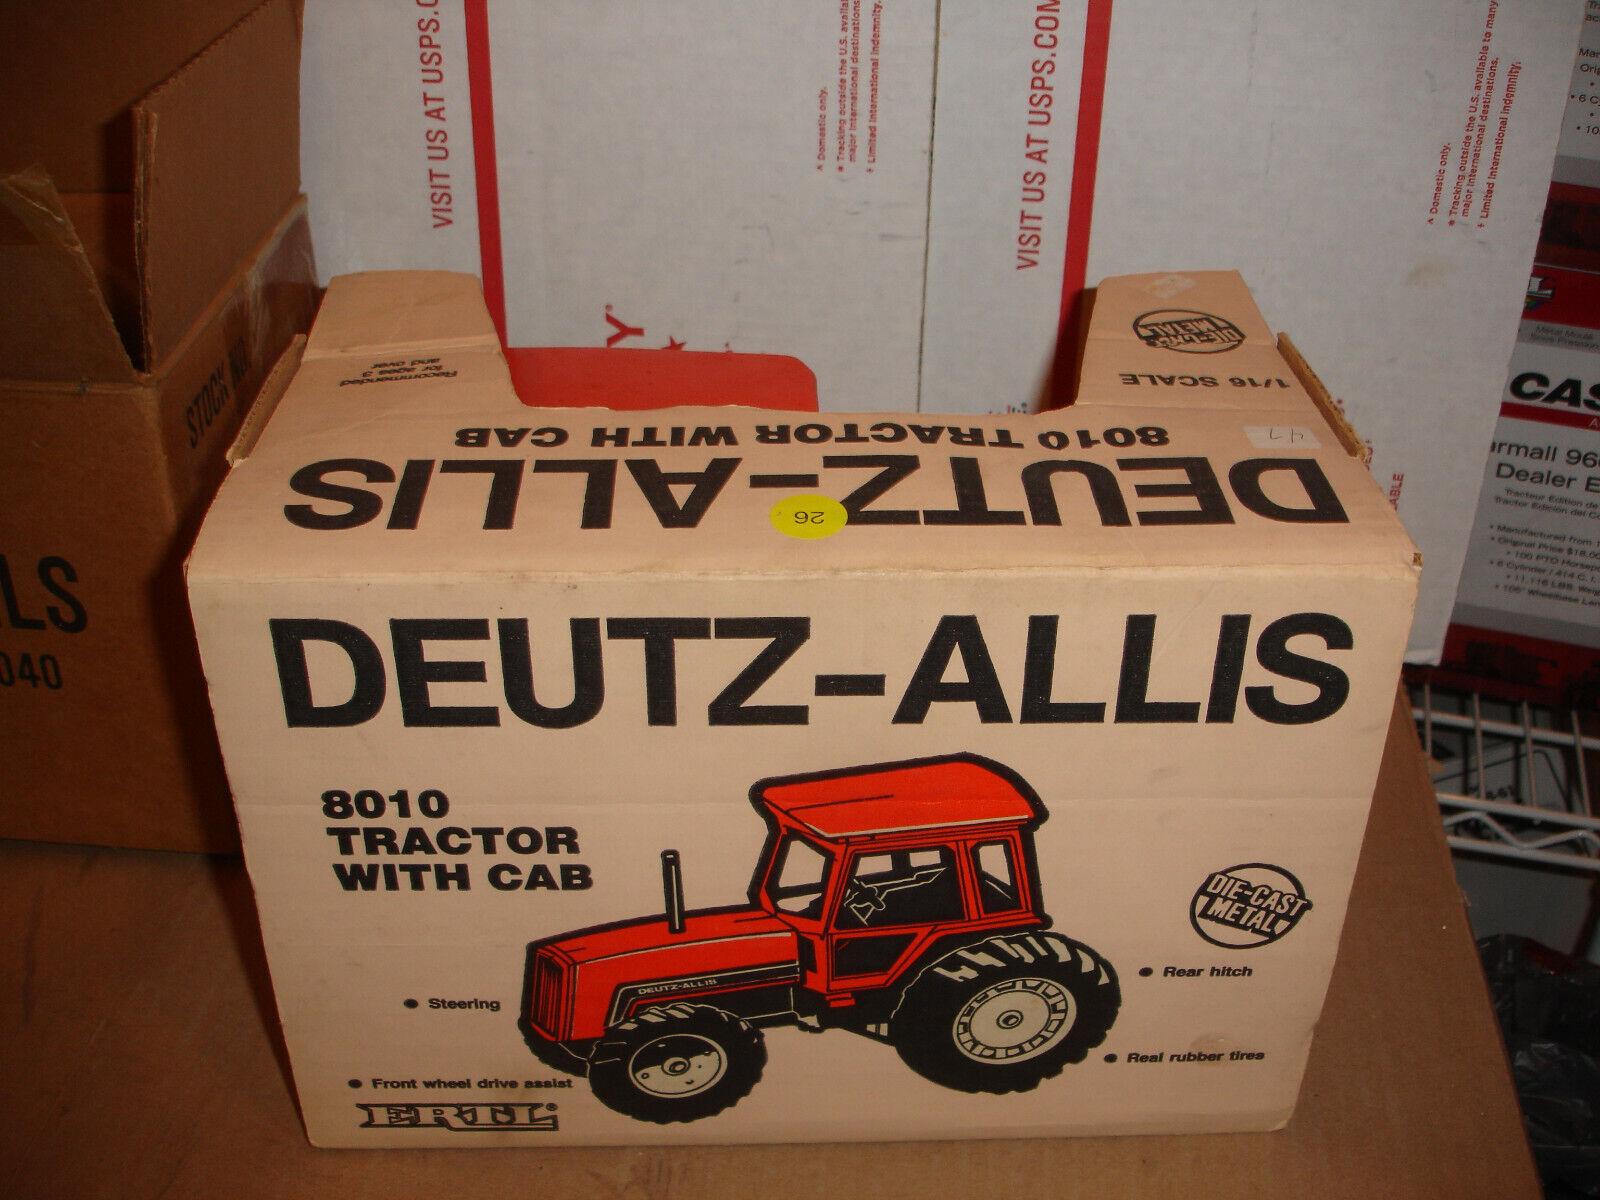 Sconto del 70% a buon mercato 1 16 deutz tuttiis giocattolo tractor 8010 8010 8010  il più recente